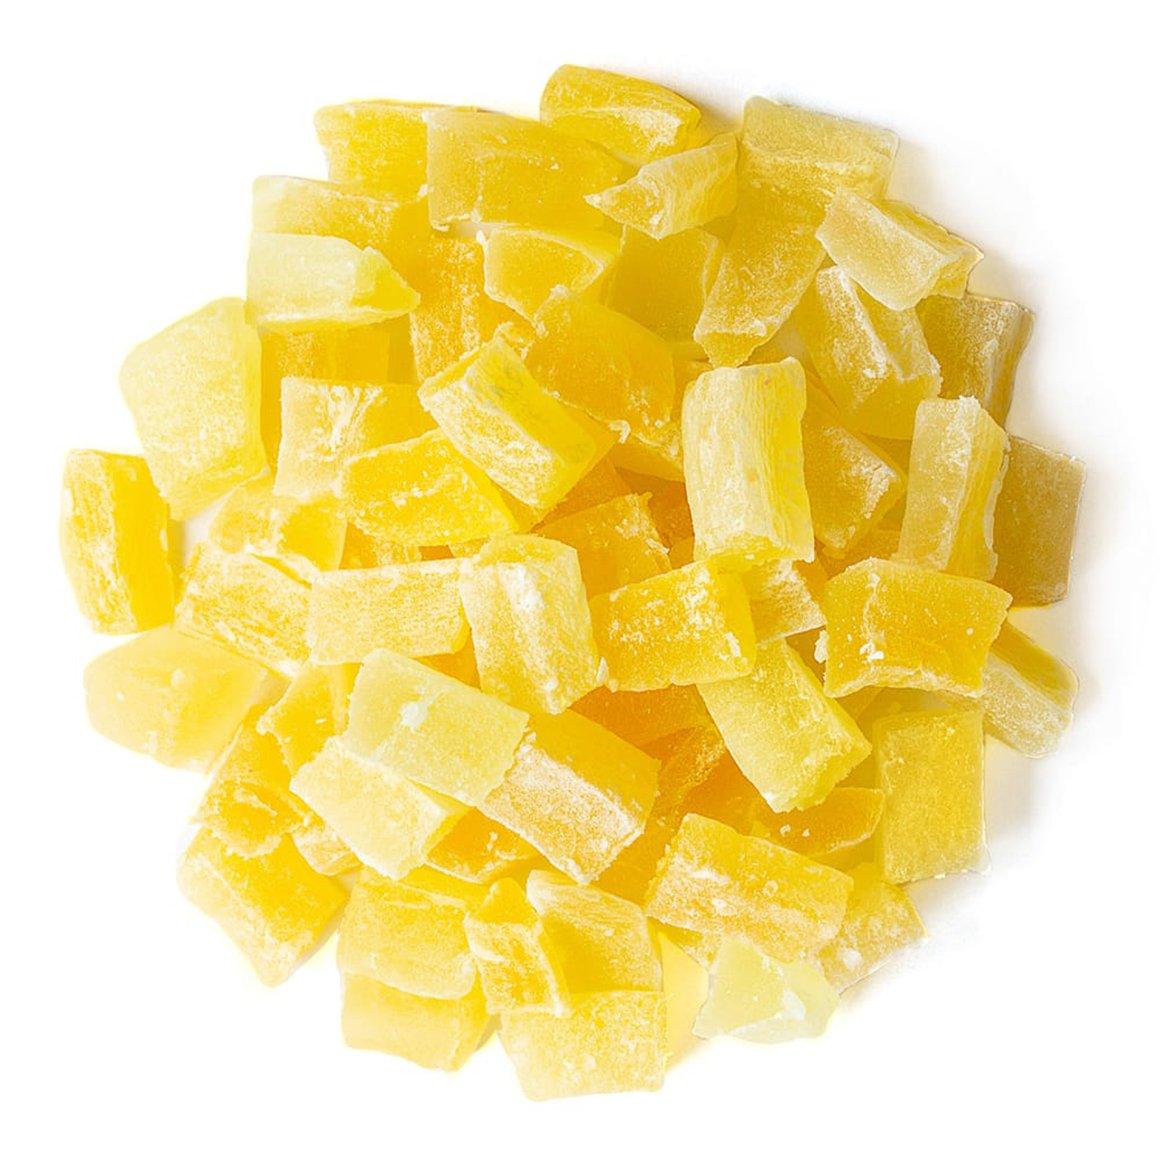 diced-dried-pineapple-main